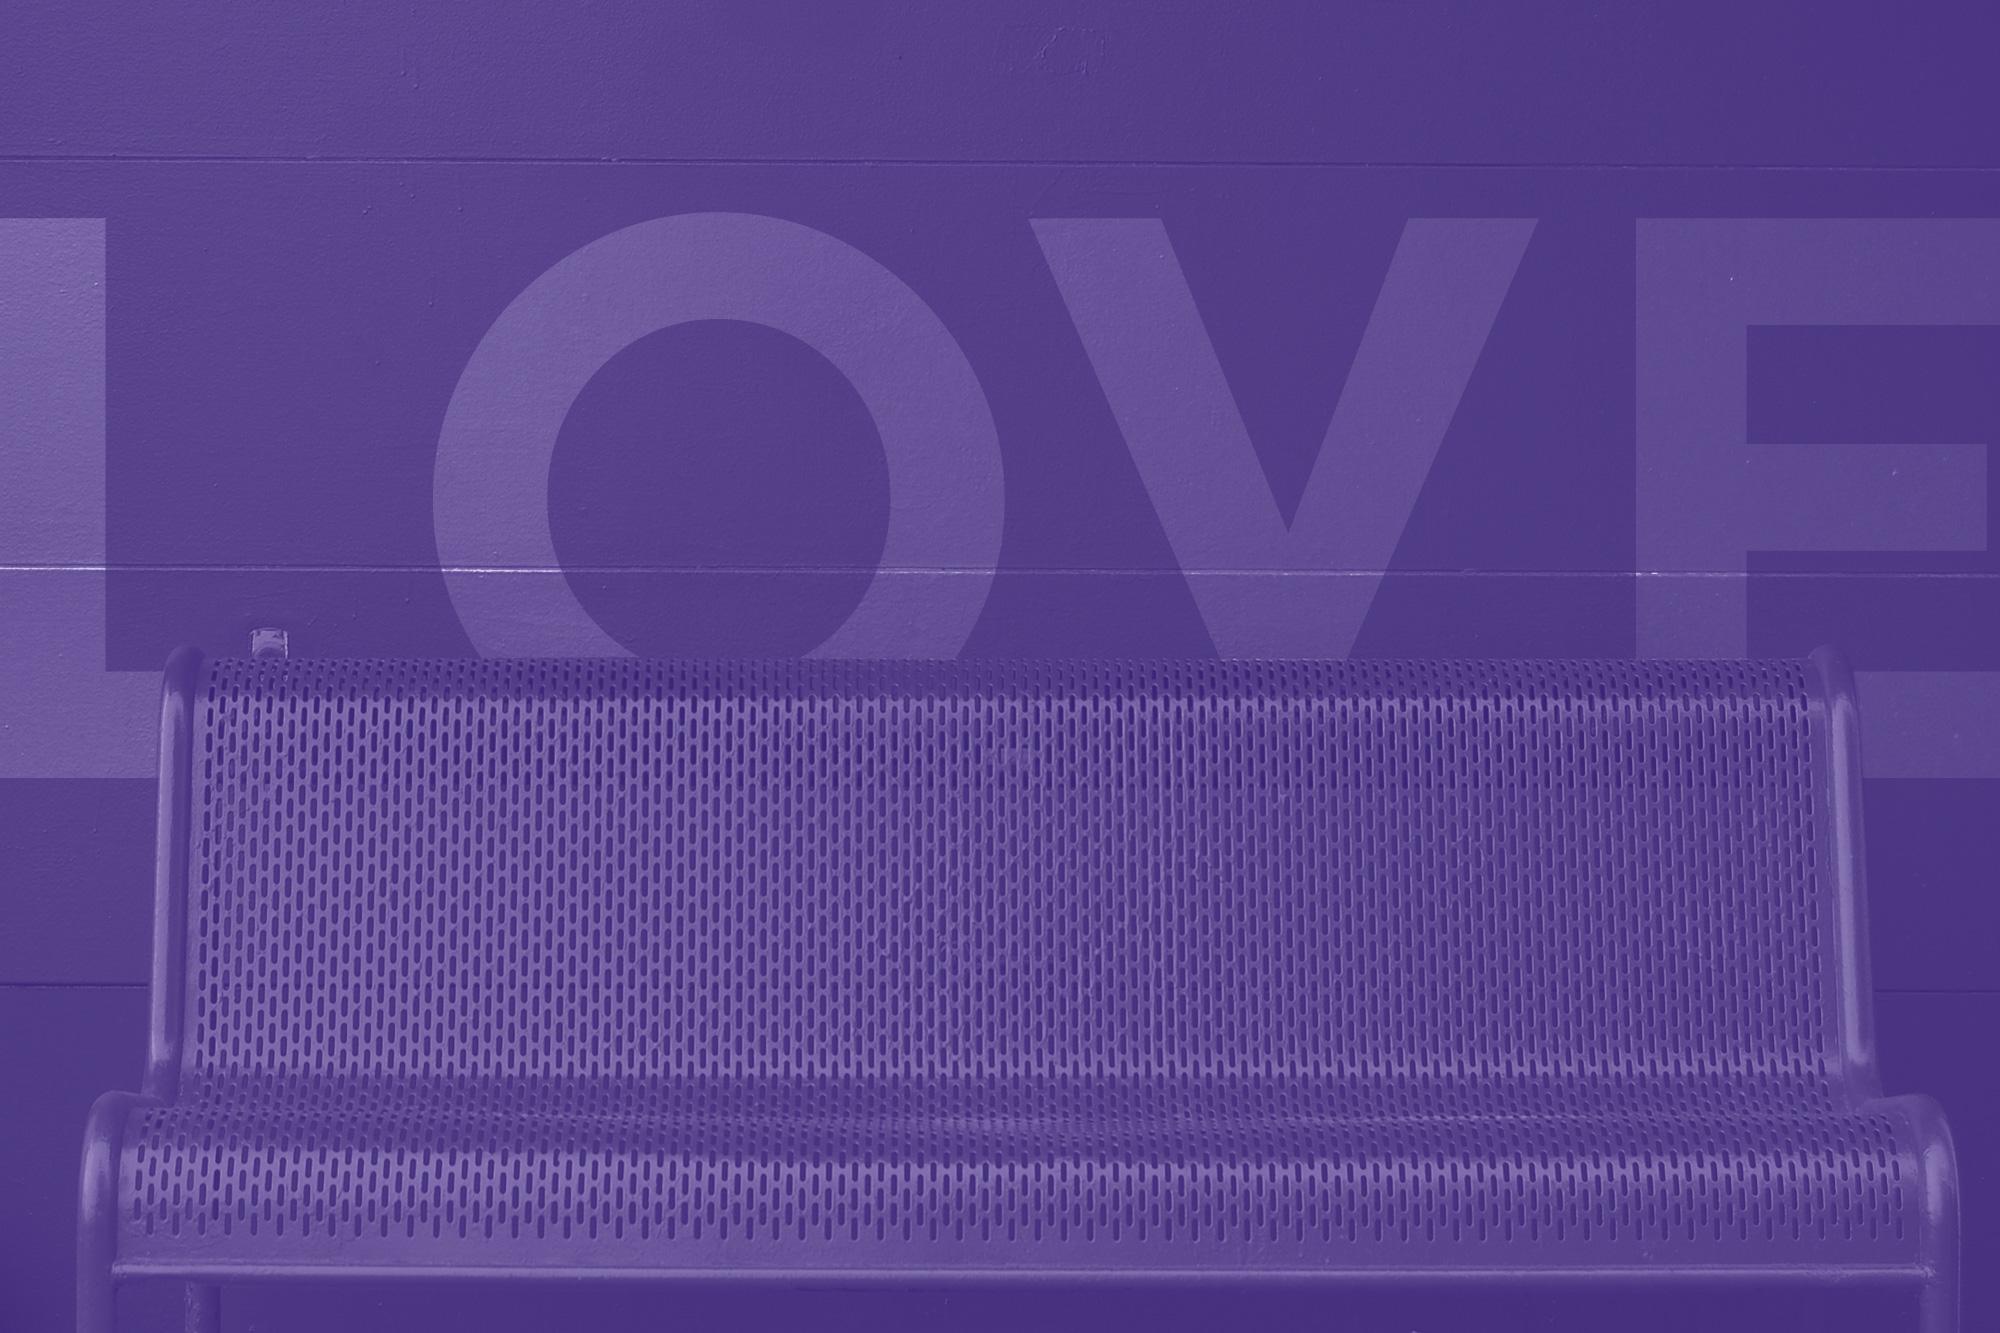 7 maneras de decir te quiero y otras expresiones para hablar de amor